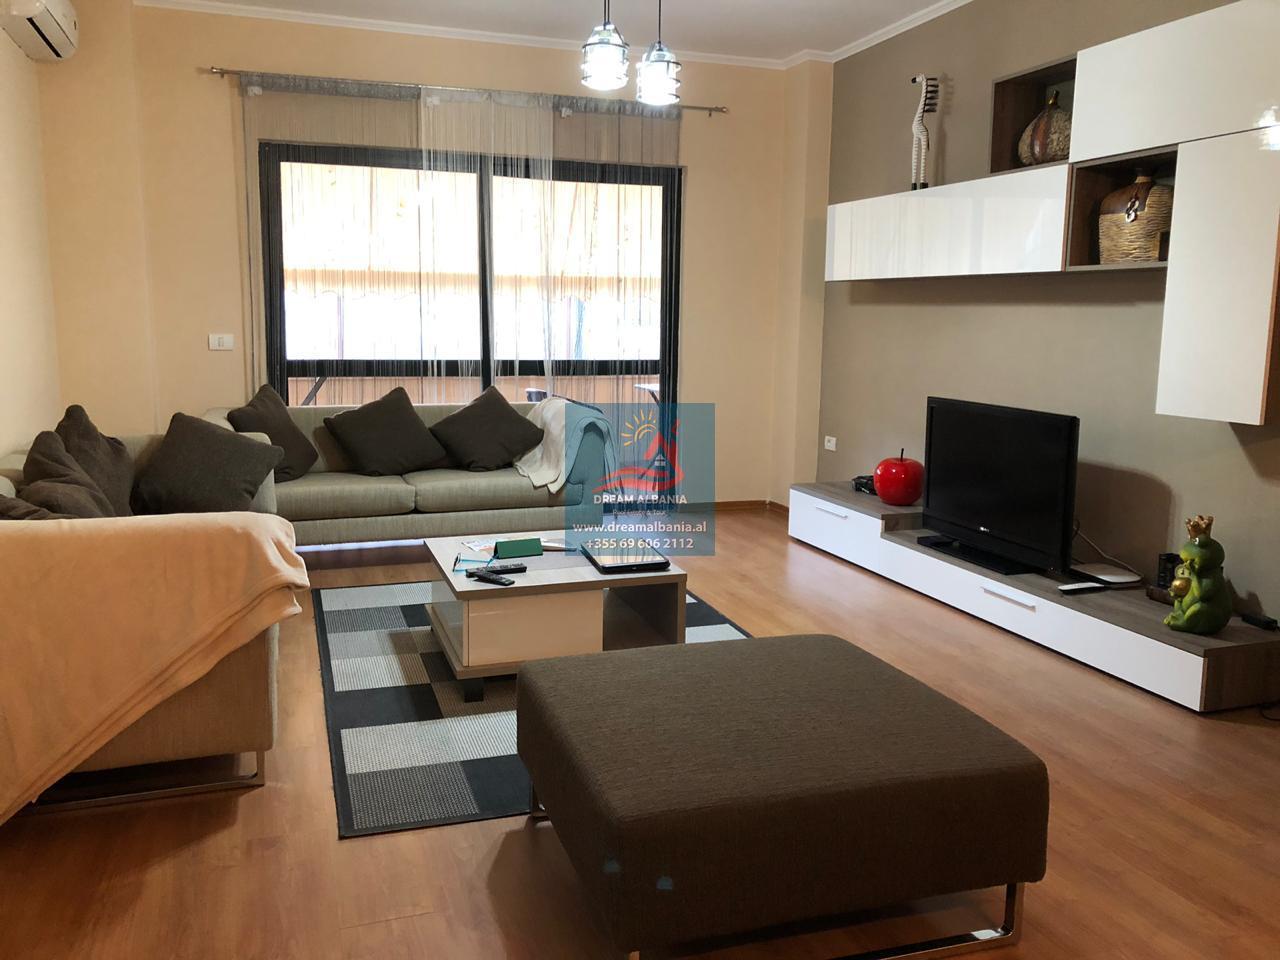 Apartament 1+1 me qera ne  Rruges se Elbasanit  prane prane shkolles Kosova ne Tirane (ID 4211315 )